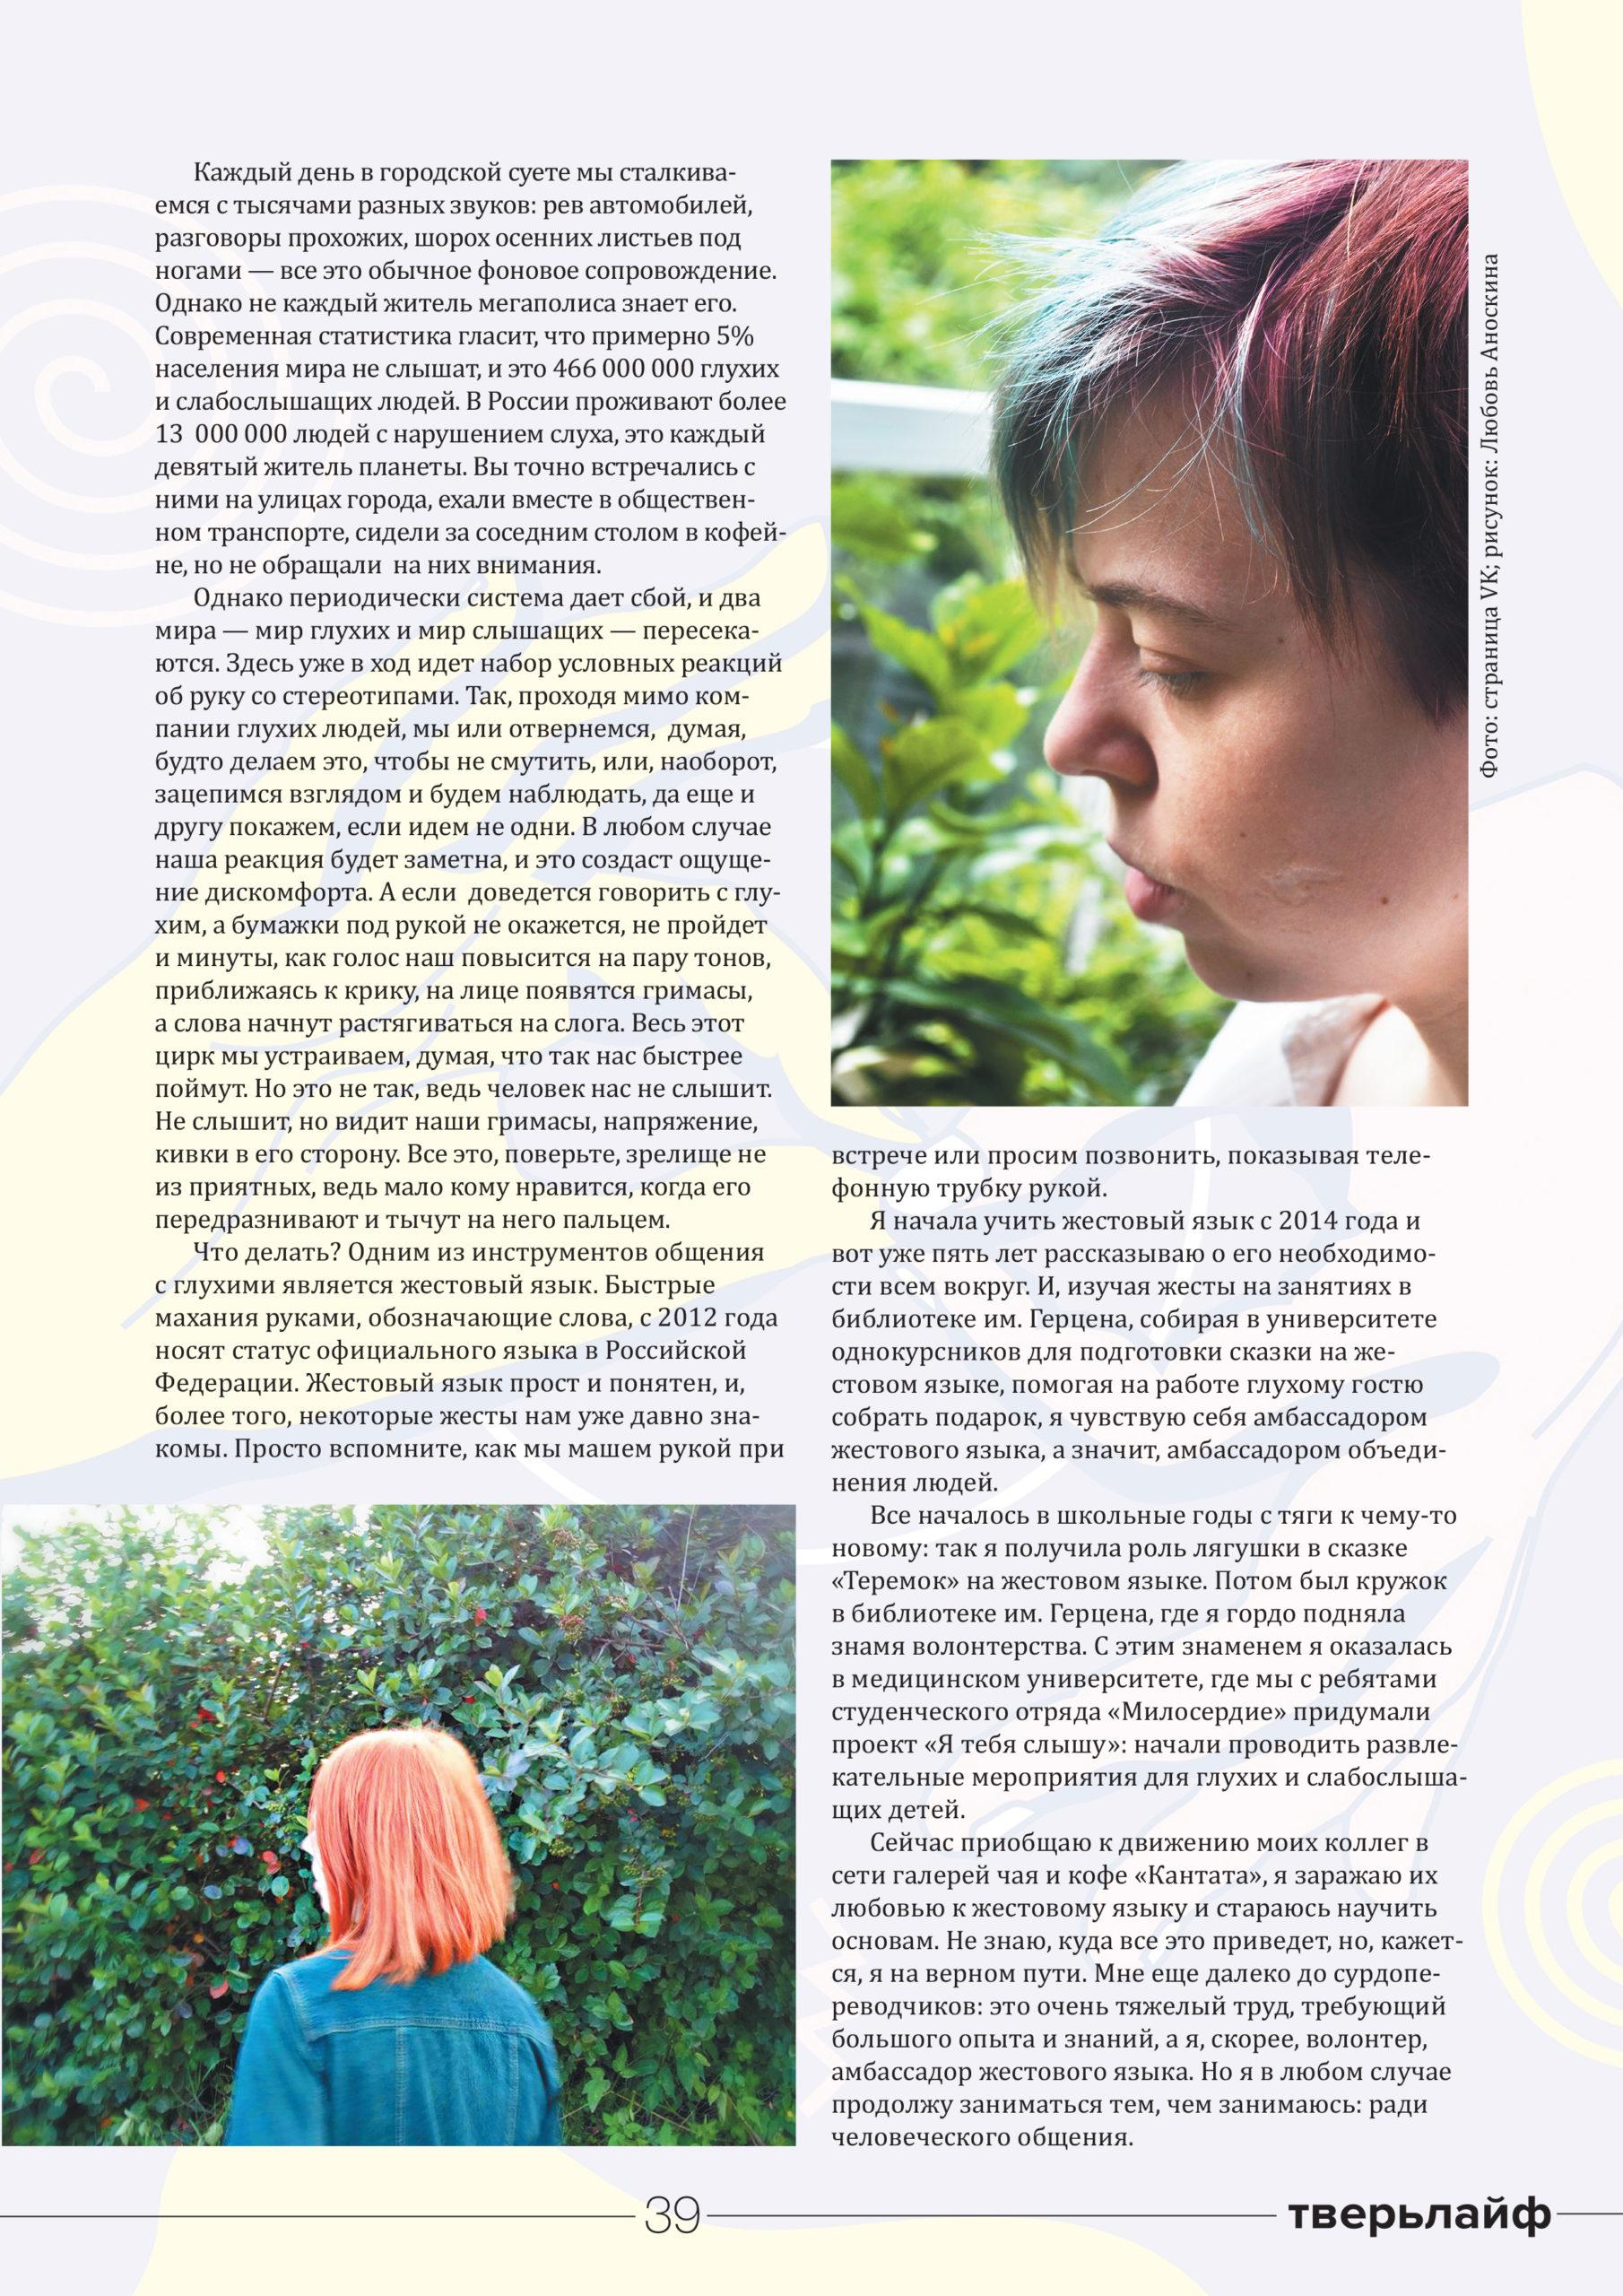 Амбассадор жестов: Алиса Сытинао правильной дороге в «страну глухих»